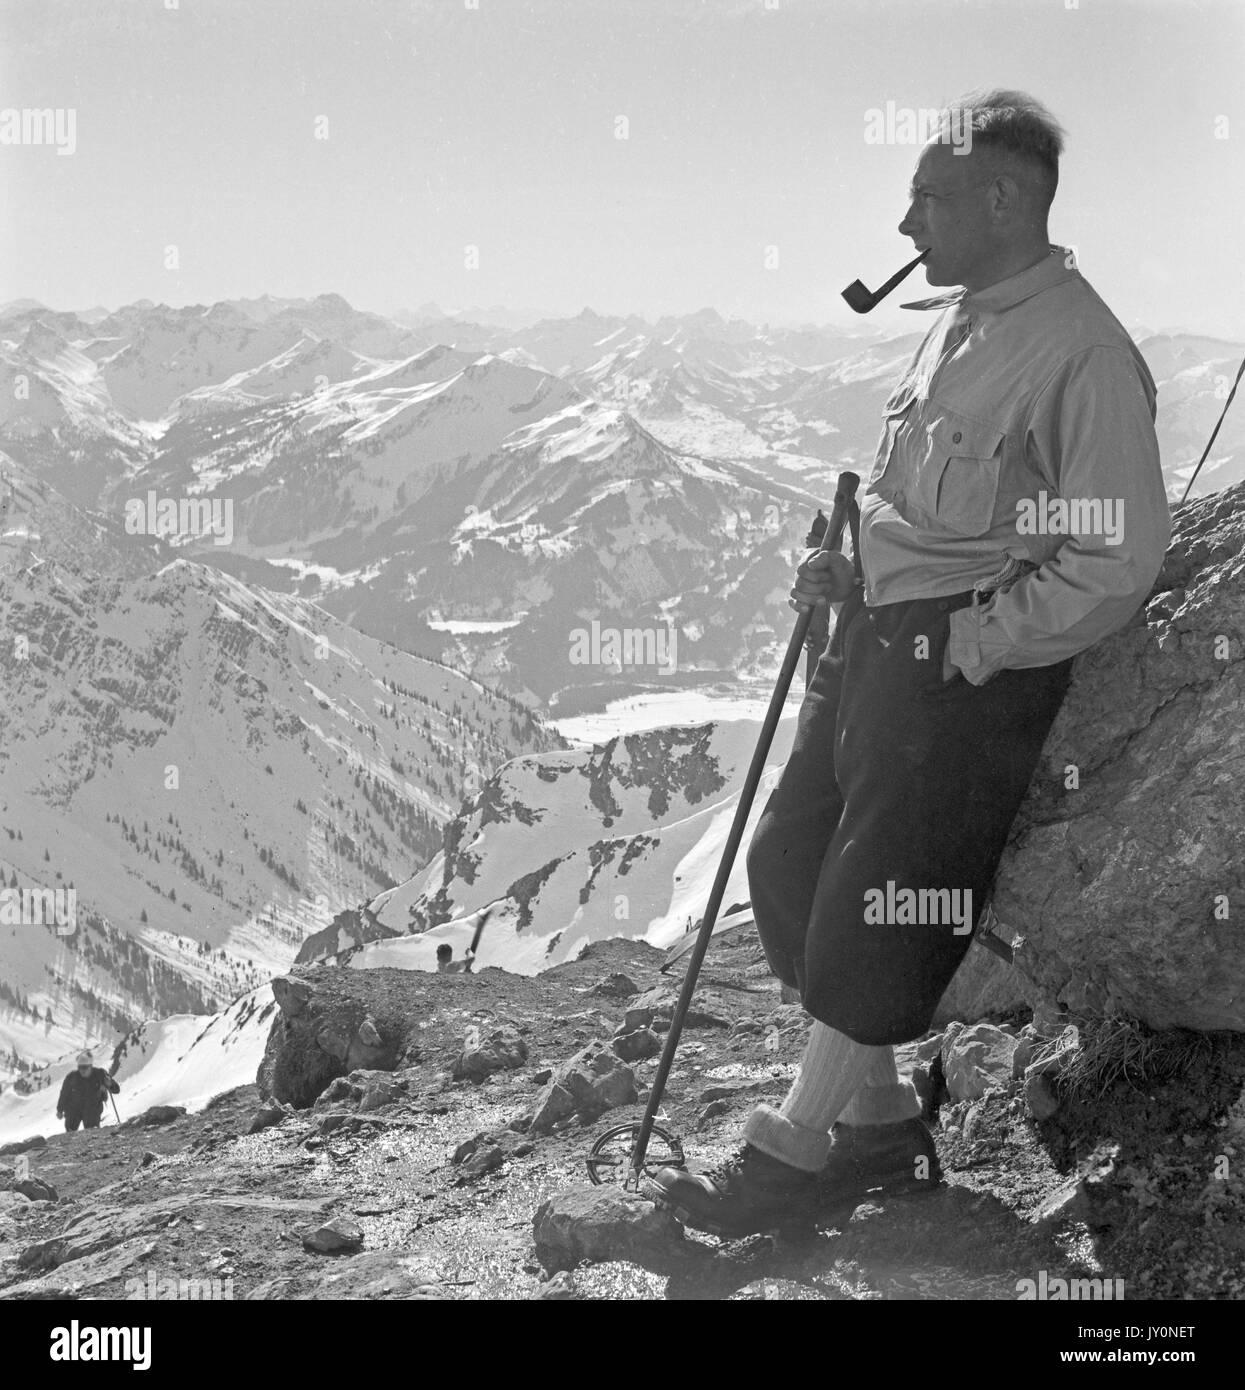 Présentation d'Olaflegros  Randonneur-debout-sur-la-montagne-haut-de-pipe-jy0net